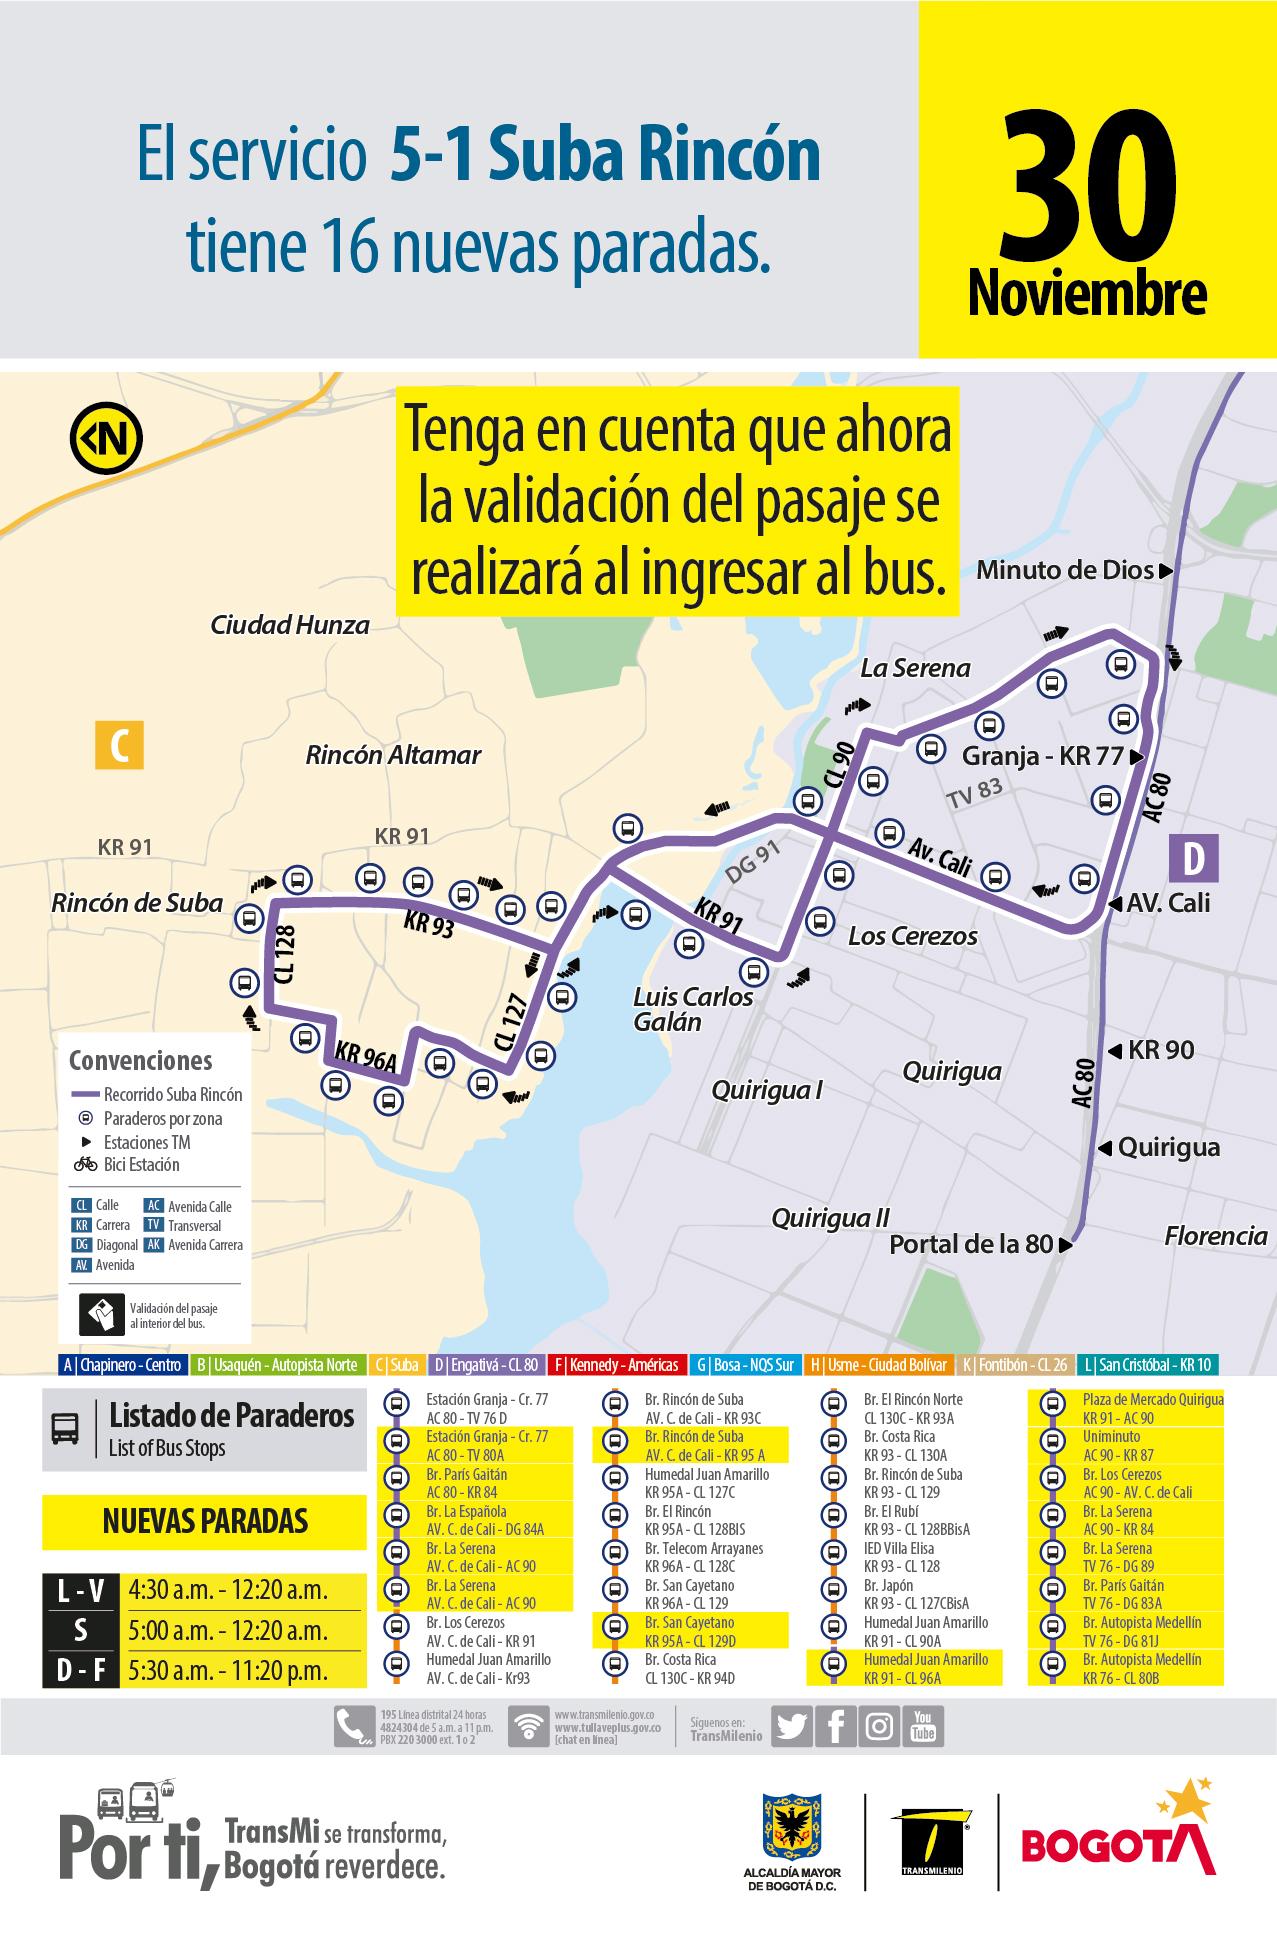 5-1 Suba Rincón